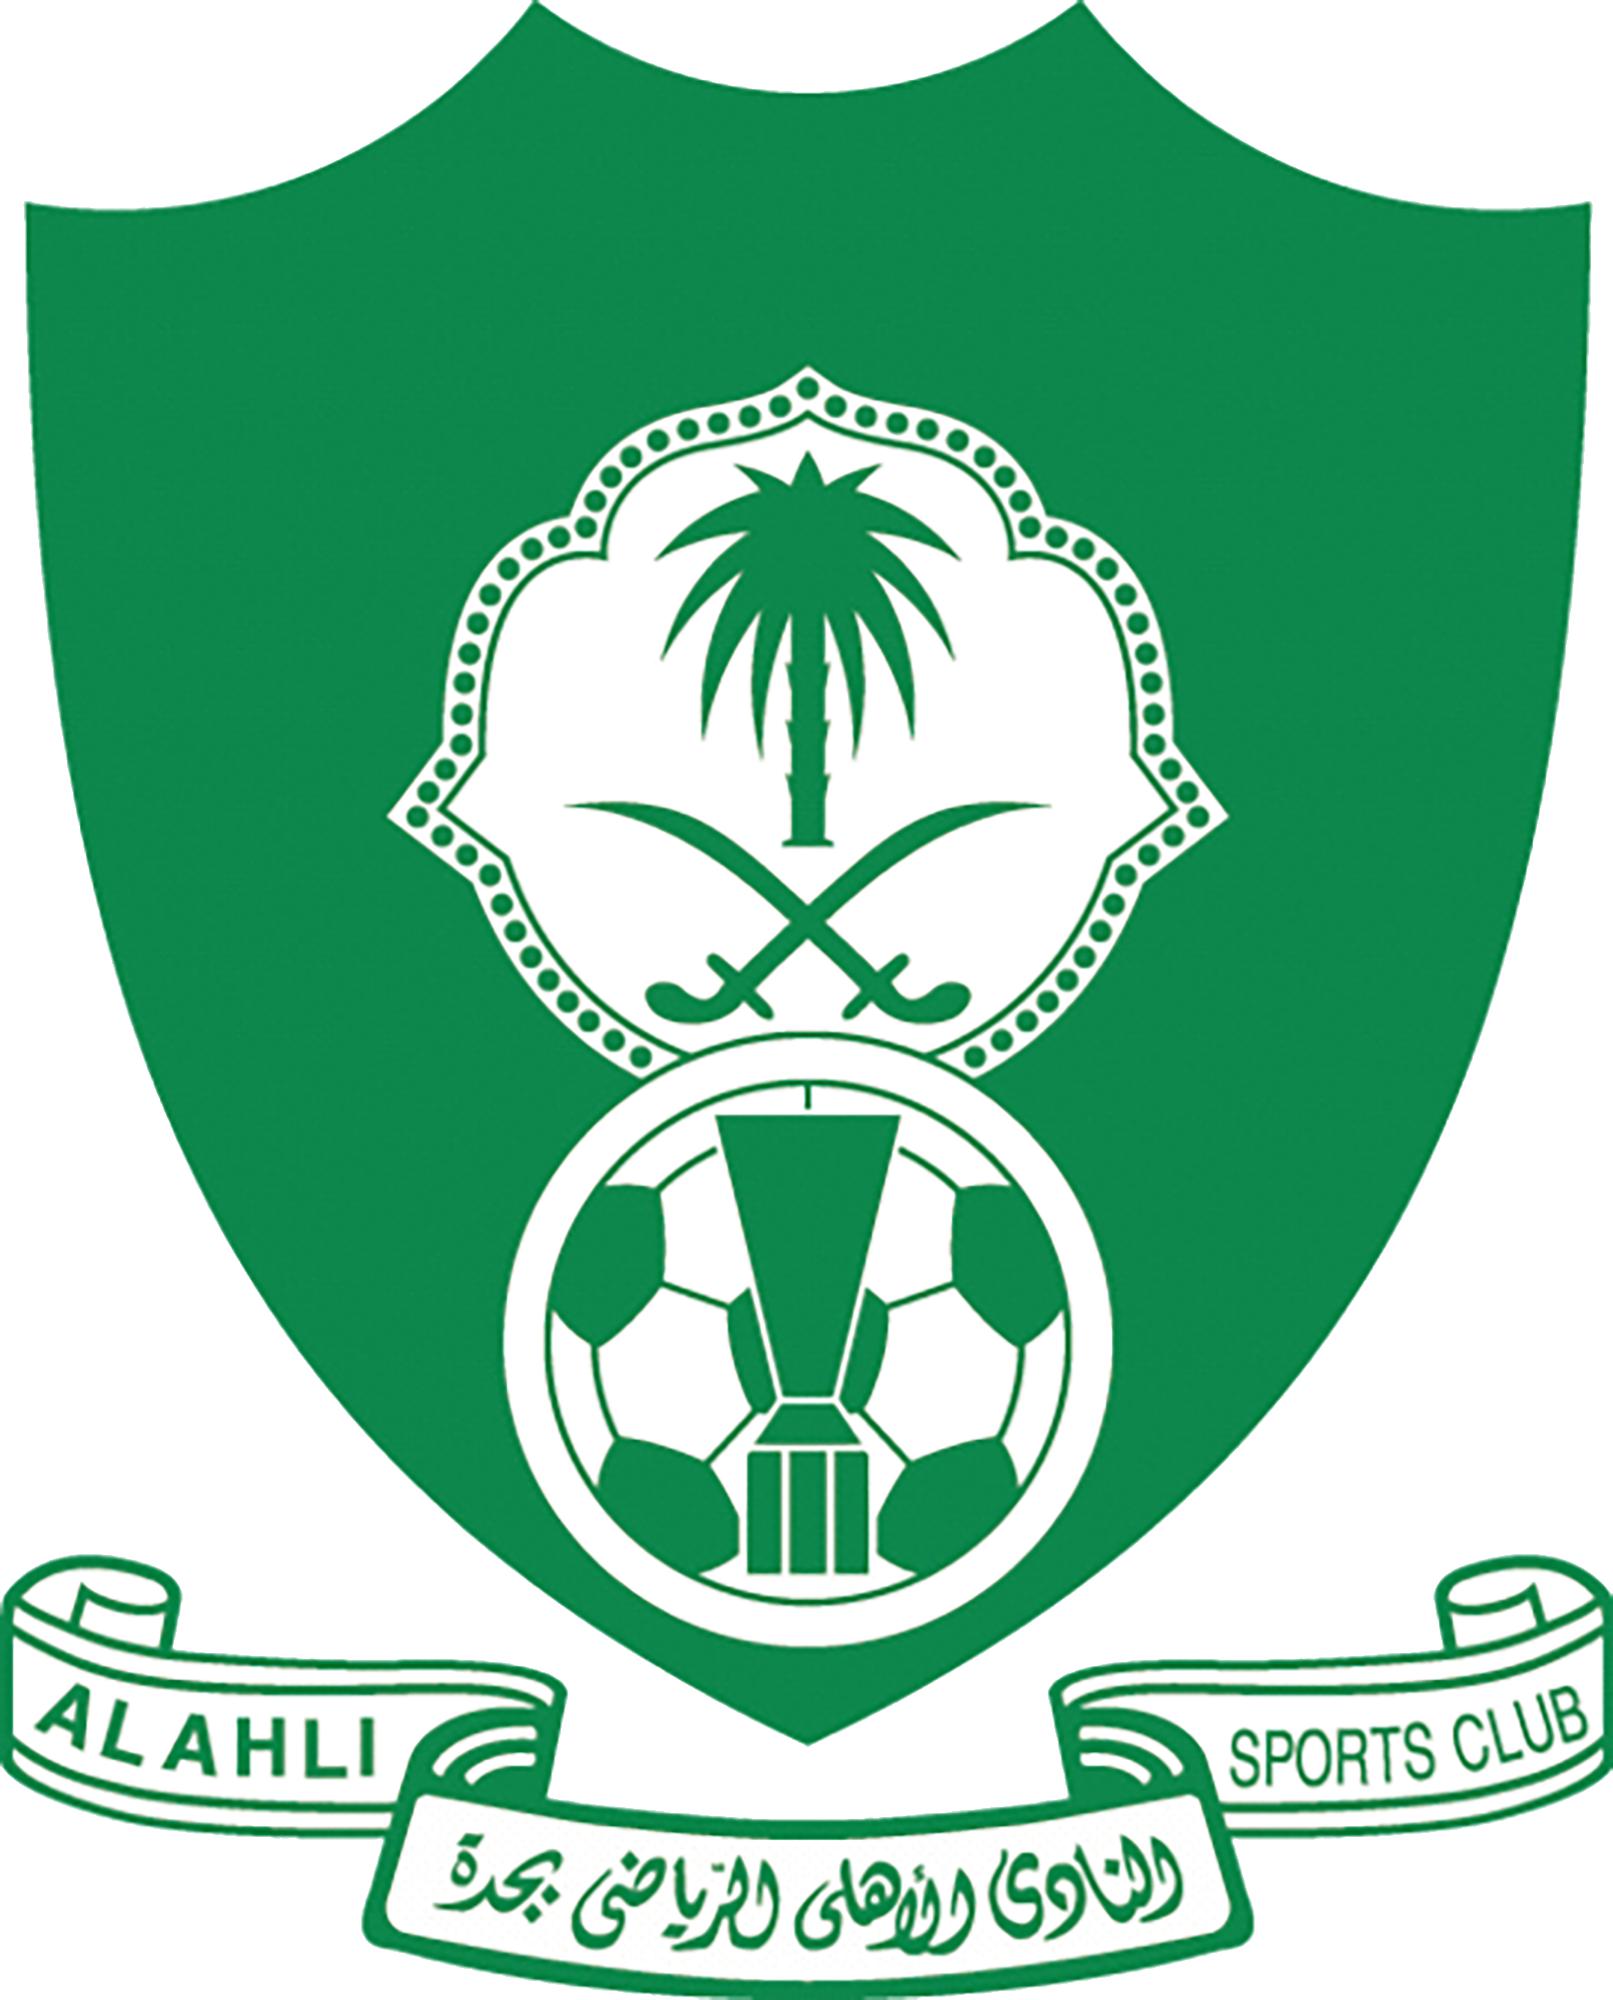 فريق الكرة الطائرة الأهلي السعودي ويكيبيديا